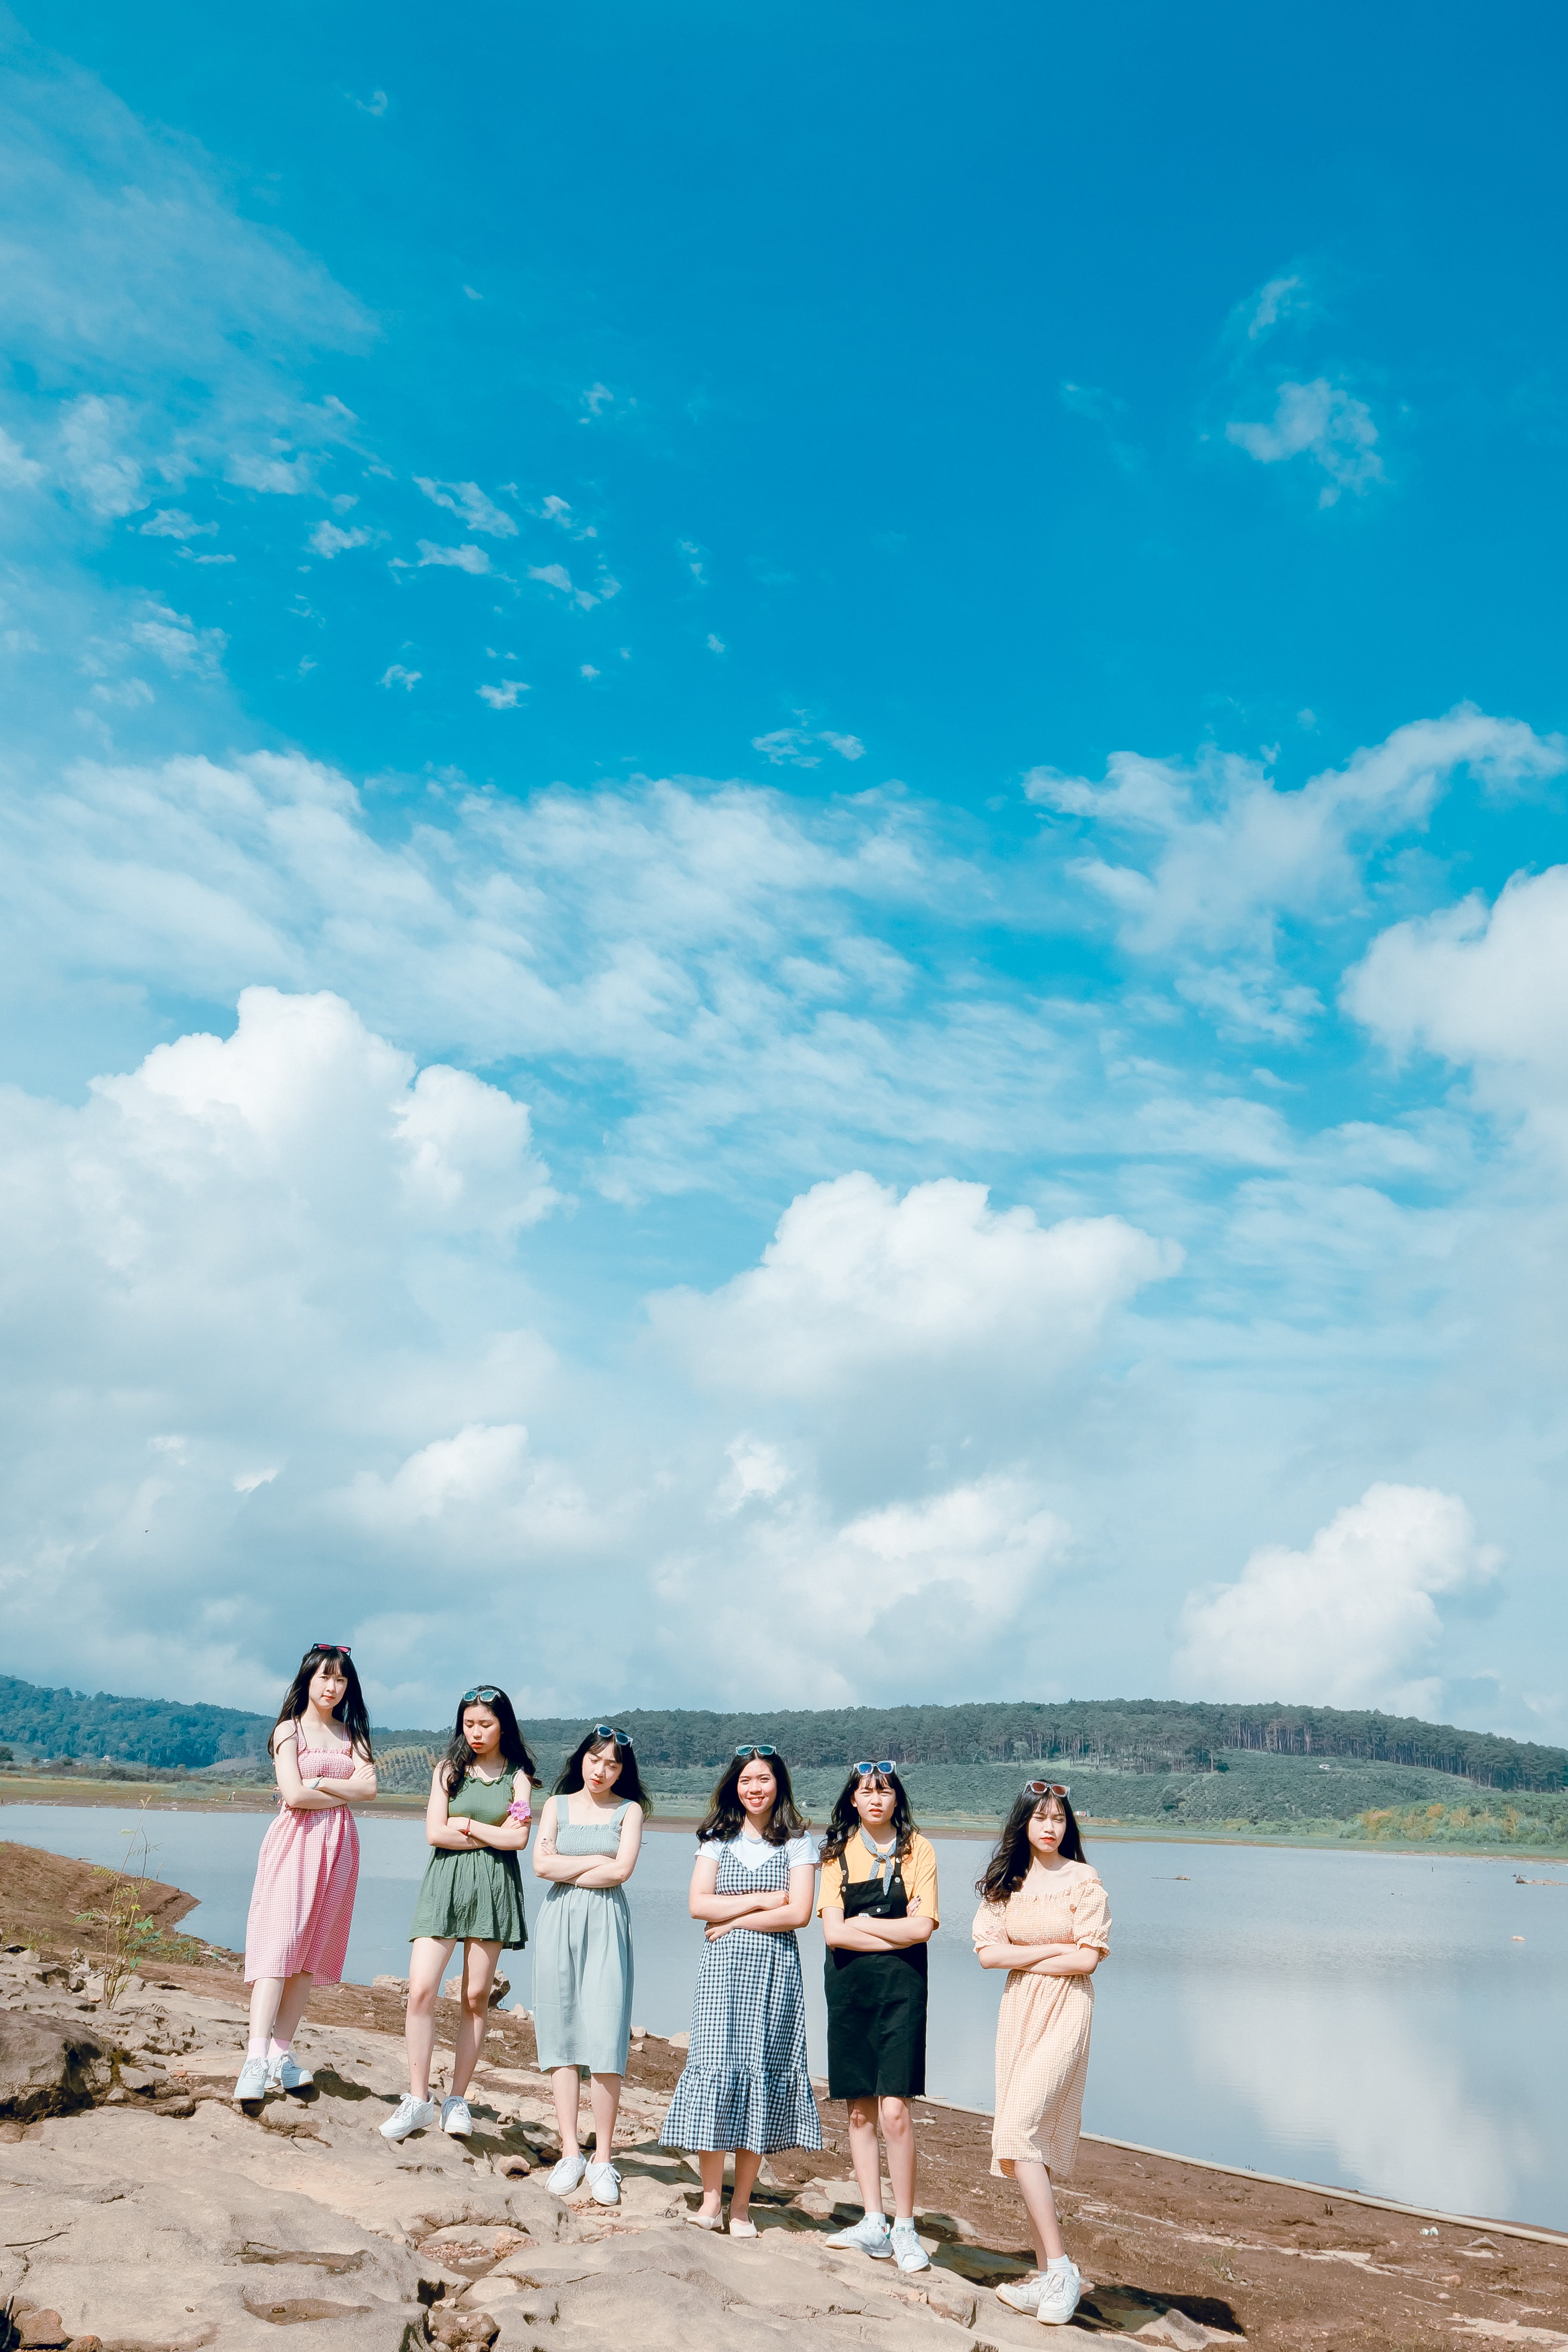 Six Women Near Body of Water